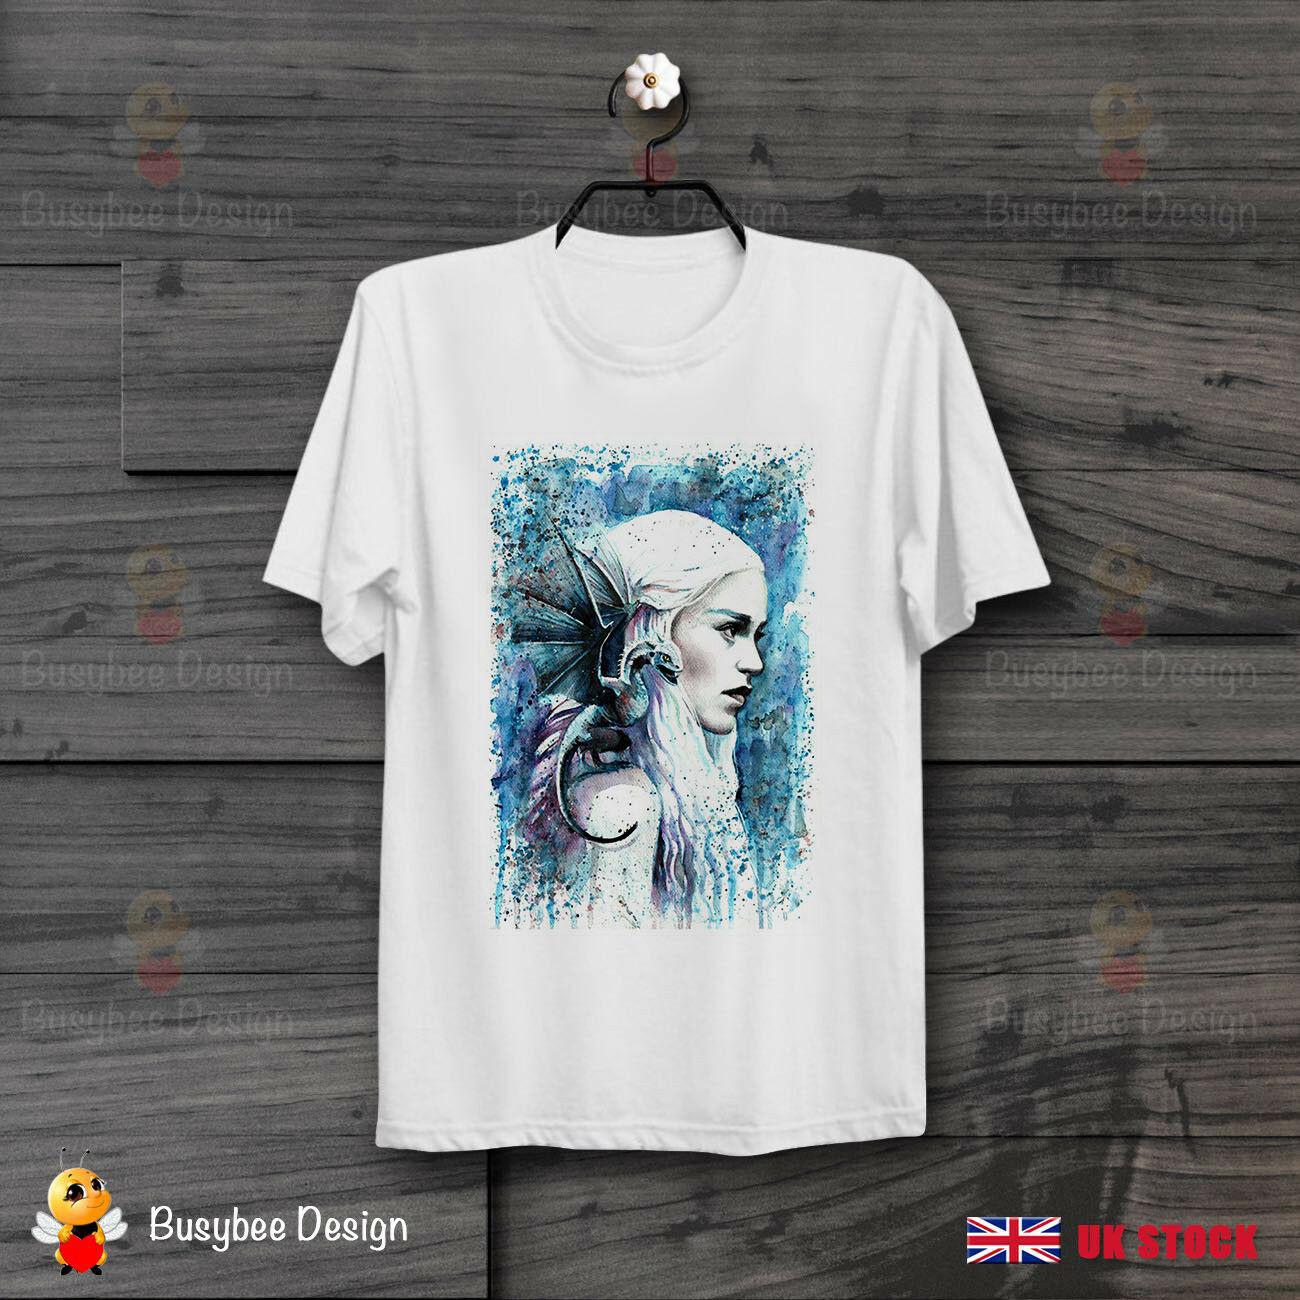 Game of Thrones Khaleesi Art Poster Cool unisexe t-shirt B437 hip hop drôle t-shirt hommes été o cou tee 2019 t-shirts chauds